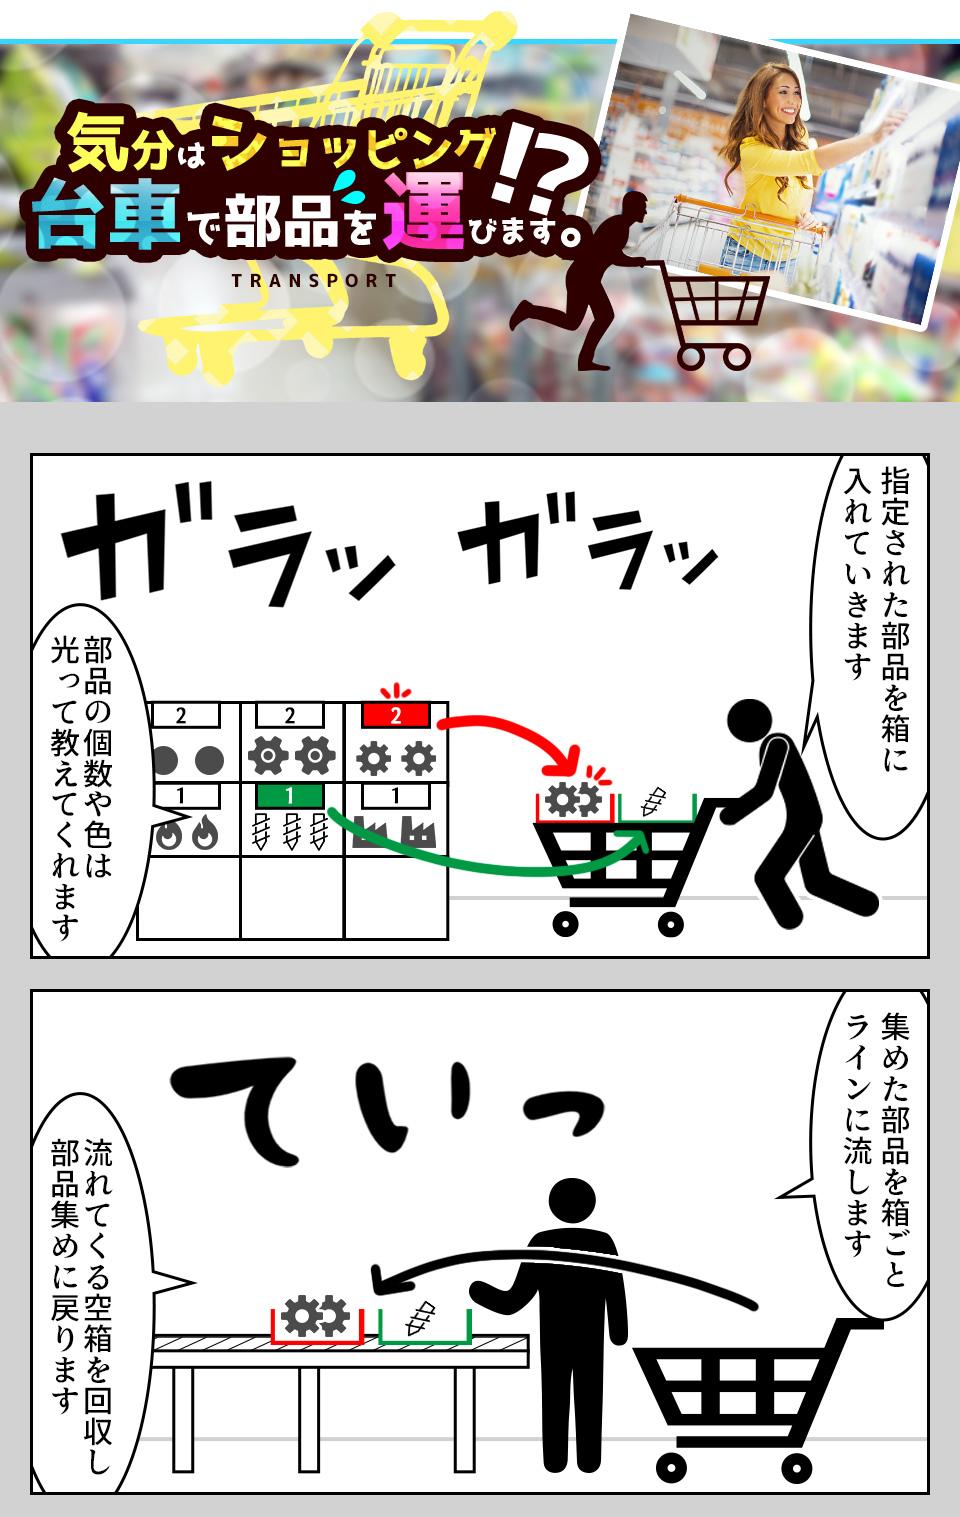 ピッキング・運搬 愛知県豊橋市の派遣社員求人